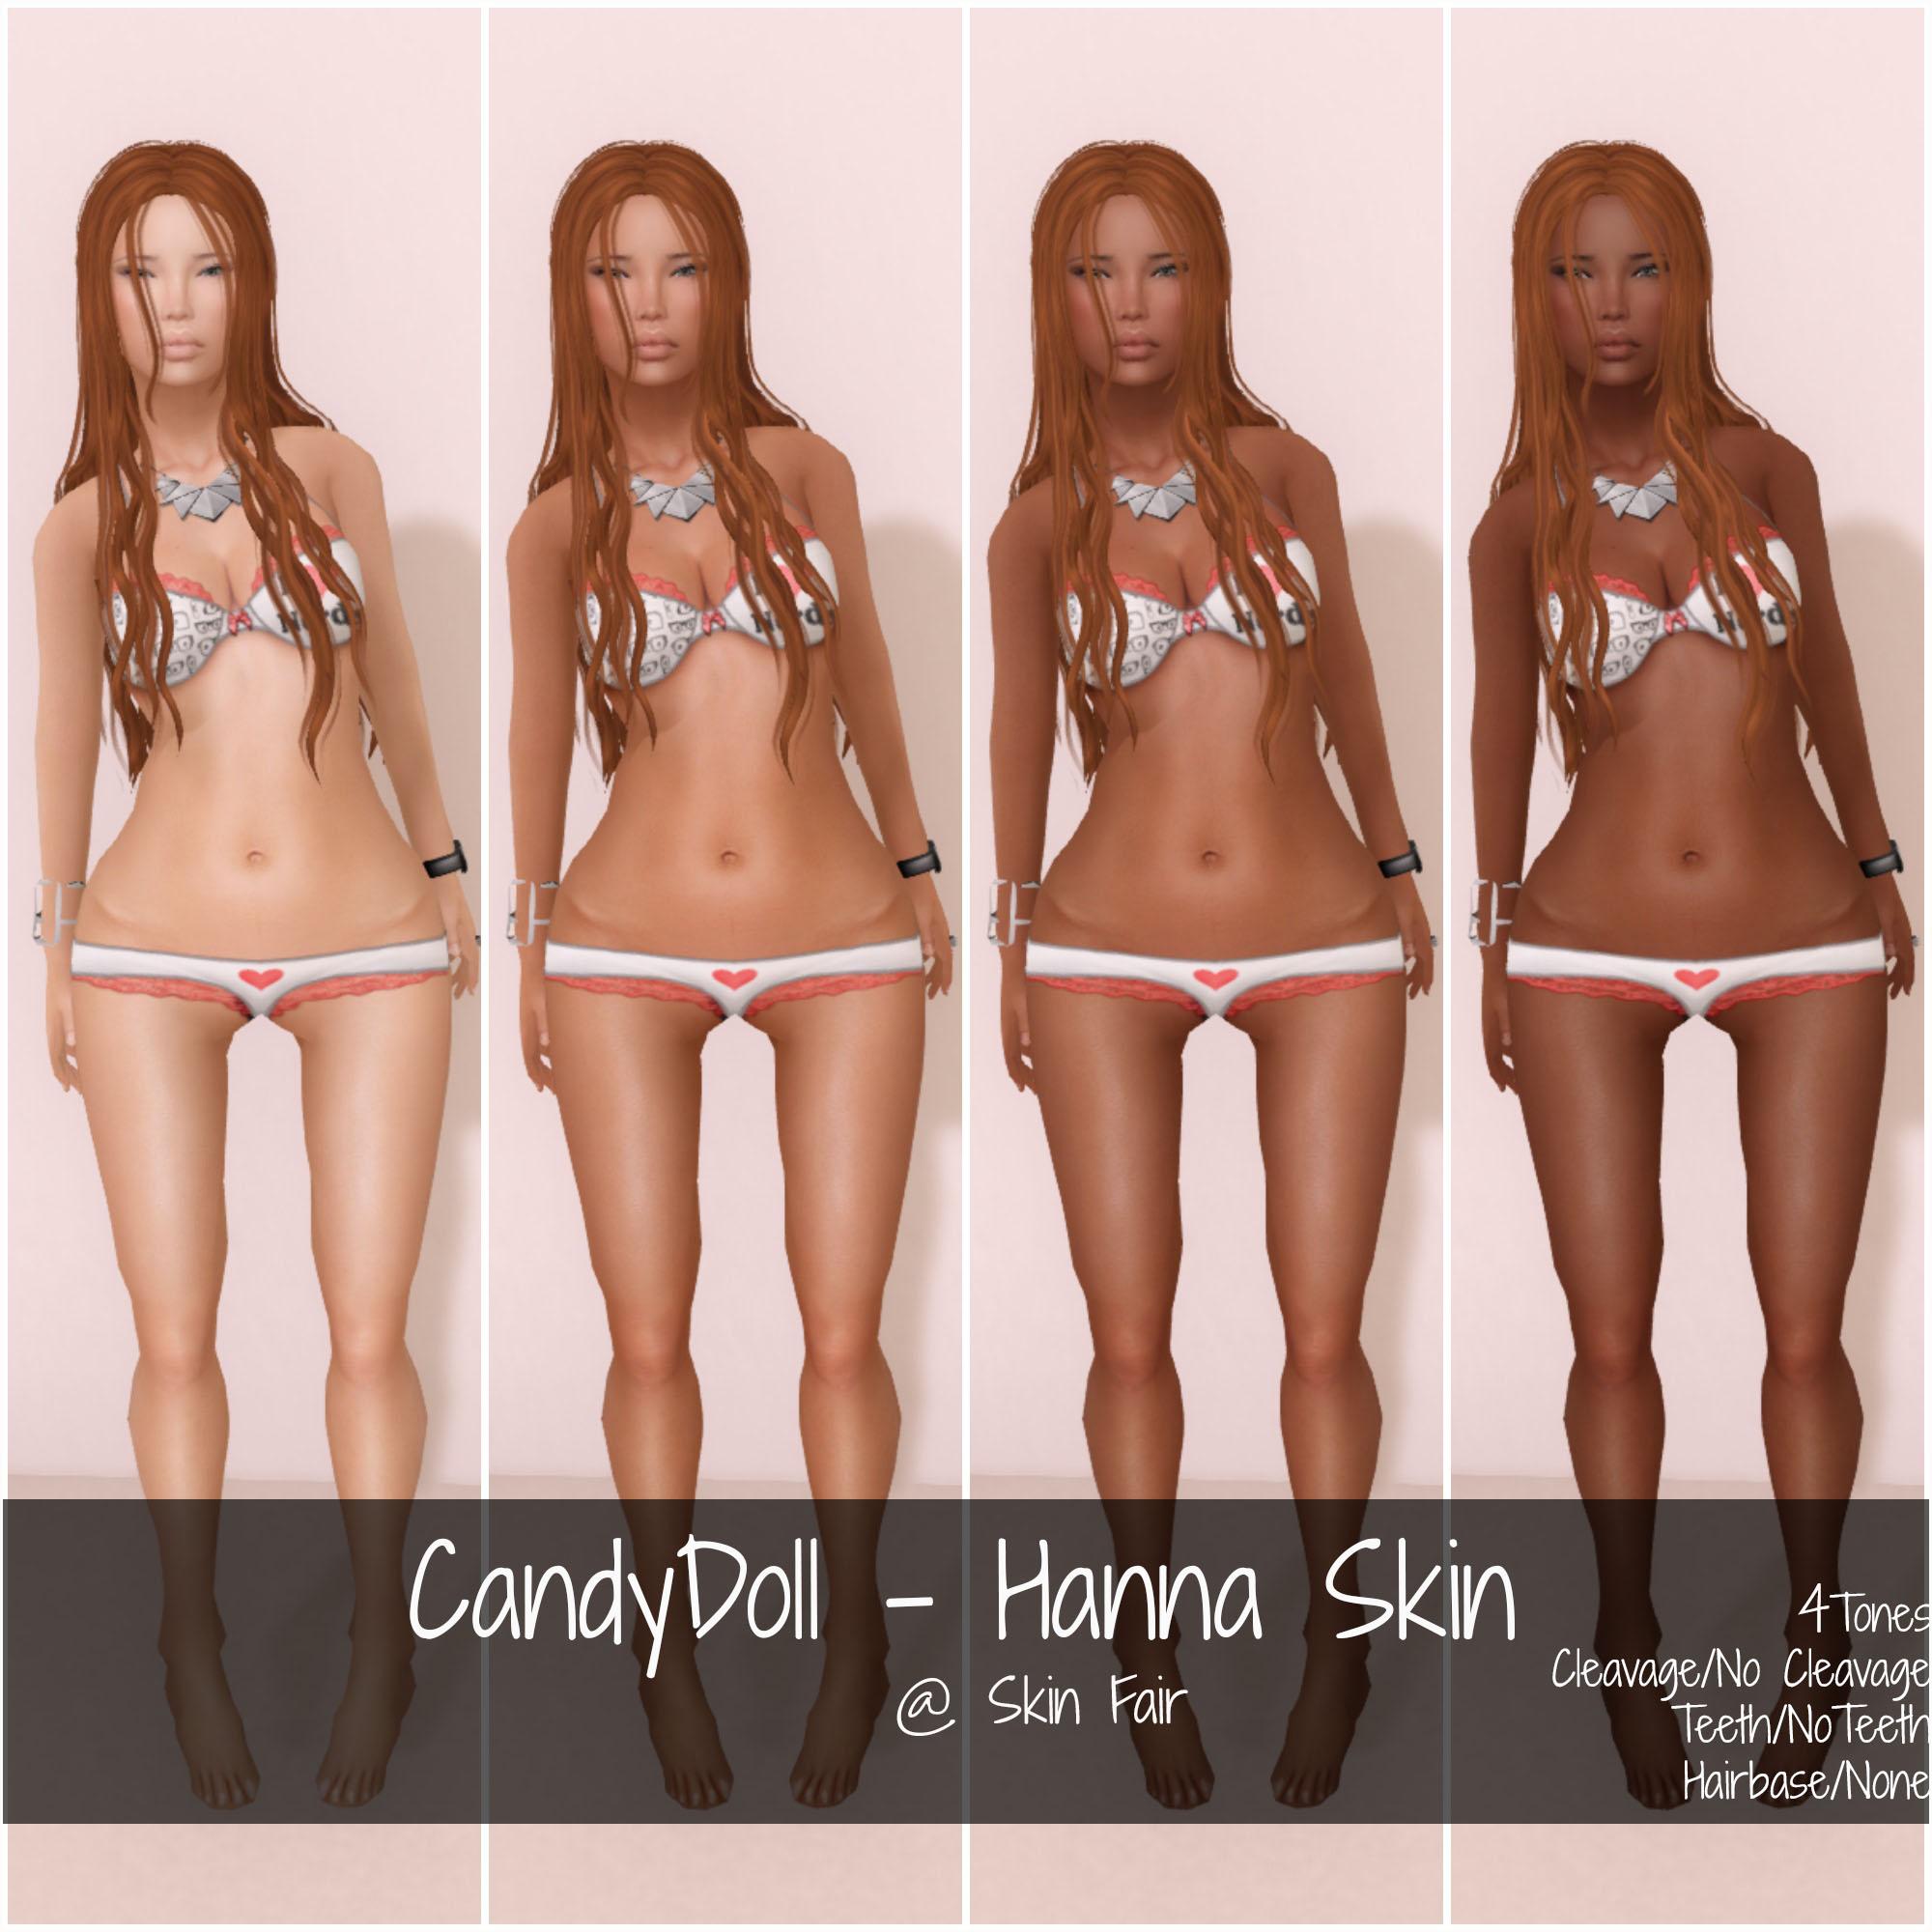 CandyDoll Hanna